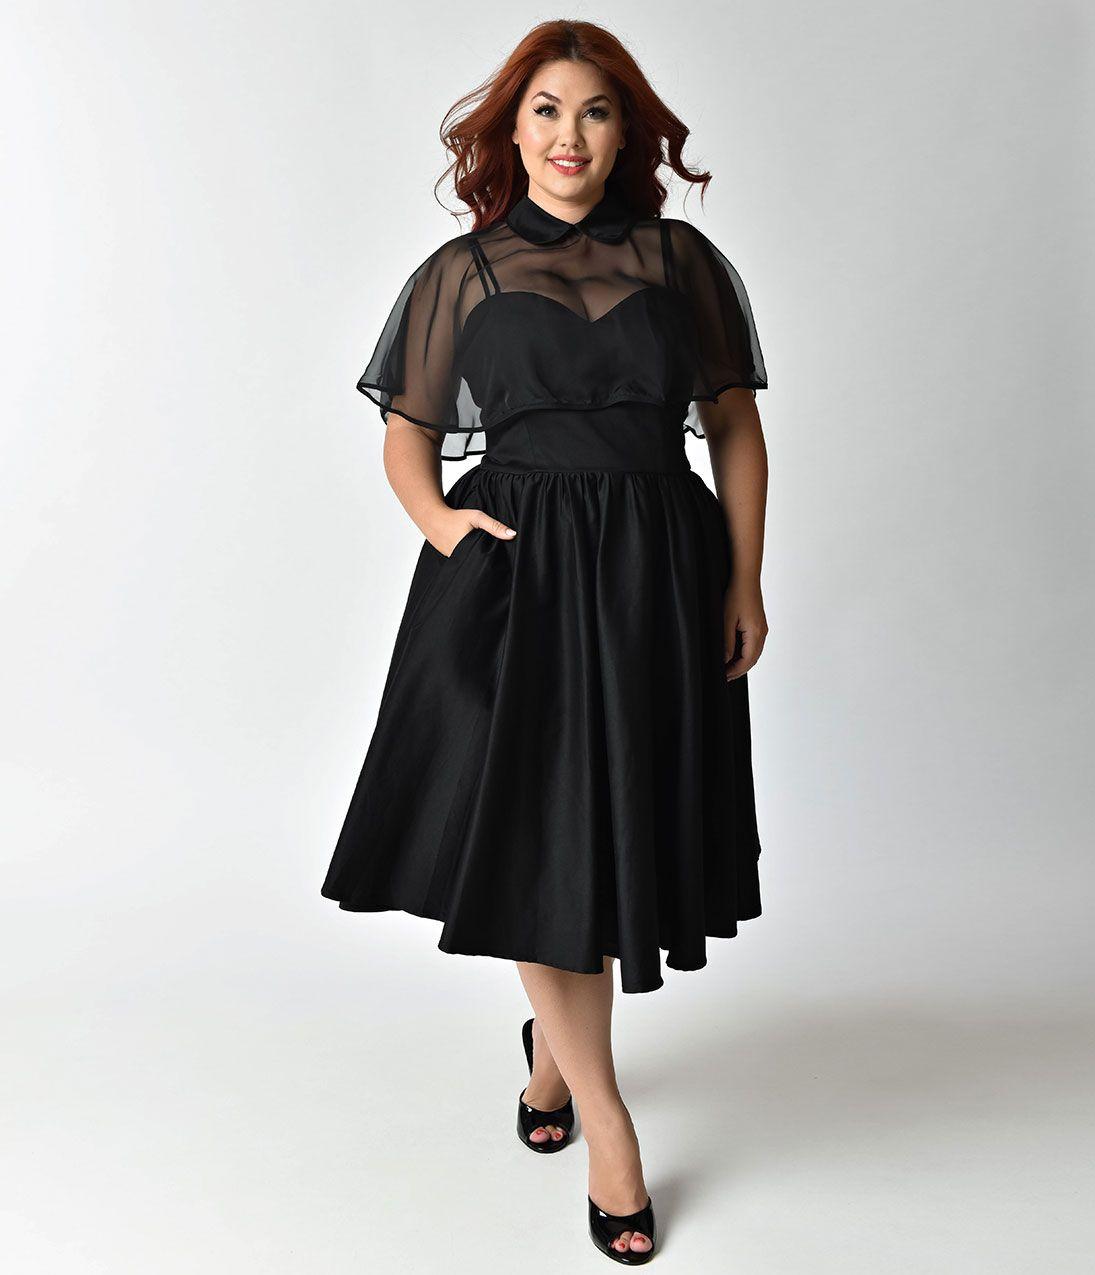 Unique Vintage 1940s Style Black Brushed Cotton Luna Swing Dress Mesh Capelet Black Sophisticated Dress Flattering Dresses Plus Size Fashion [ 1275 x 1095 Pixel ]